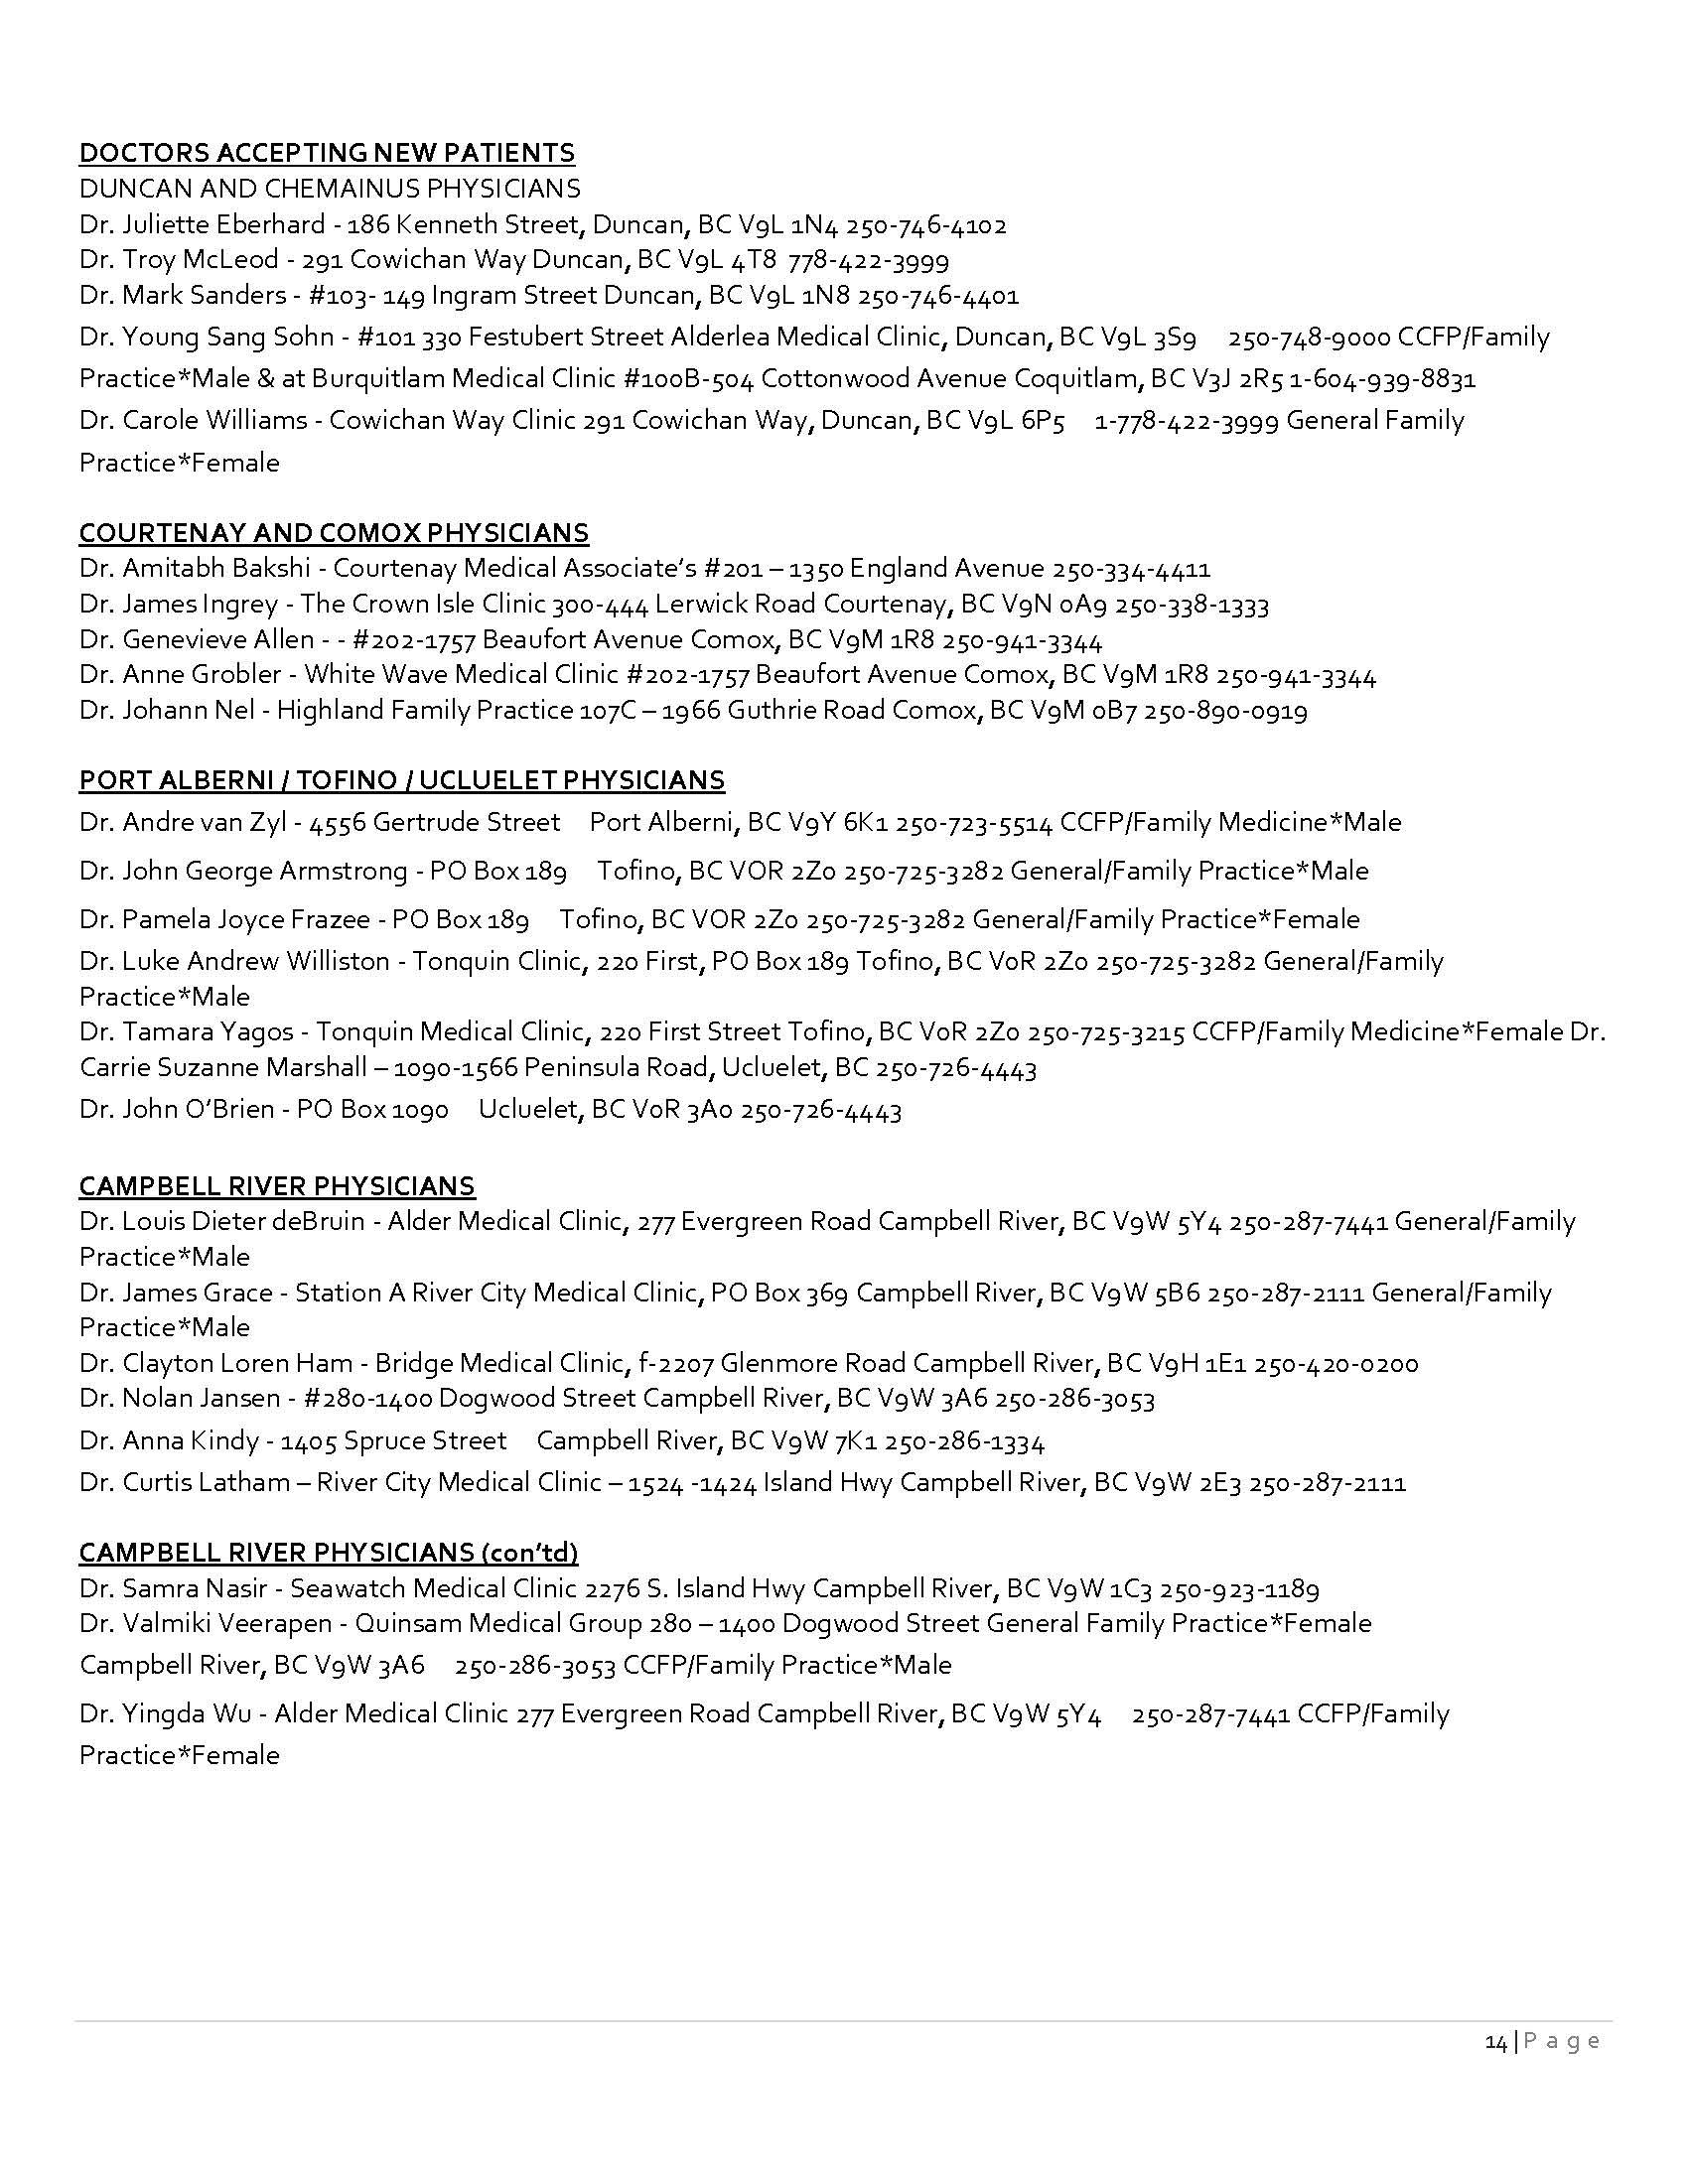 TFN Bulletin Dec 01 2016 (3)_Page_14.jpg